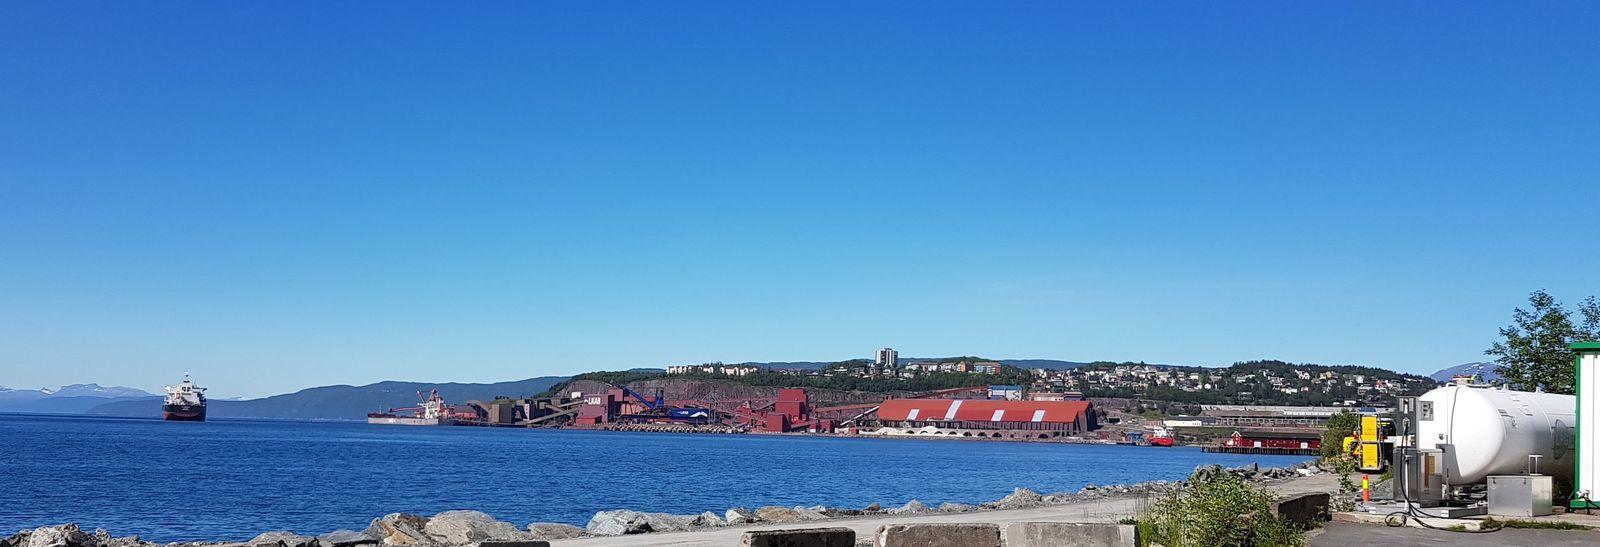 Narvik et l'usine LKAB  pour le chargement du minerai de fer suédois